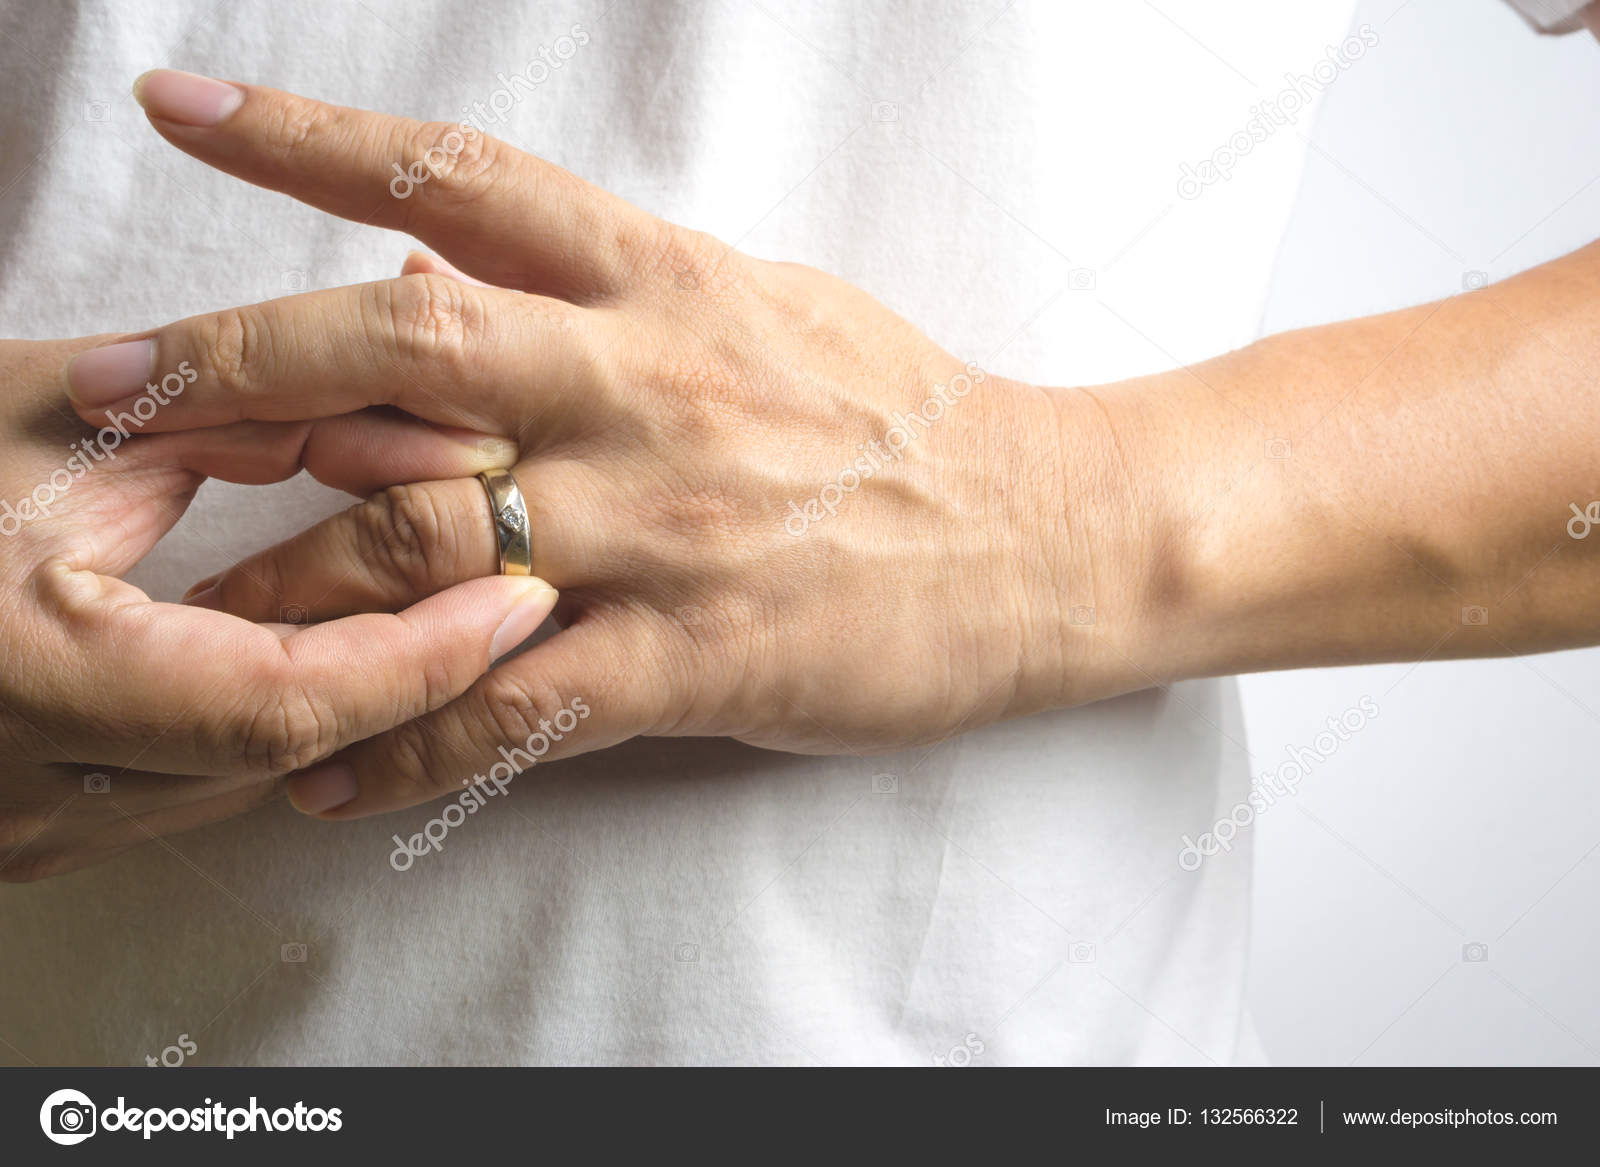 Man take off his wedding ring Stock Photo BonNontawat 132566322